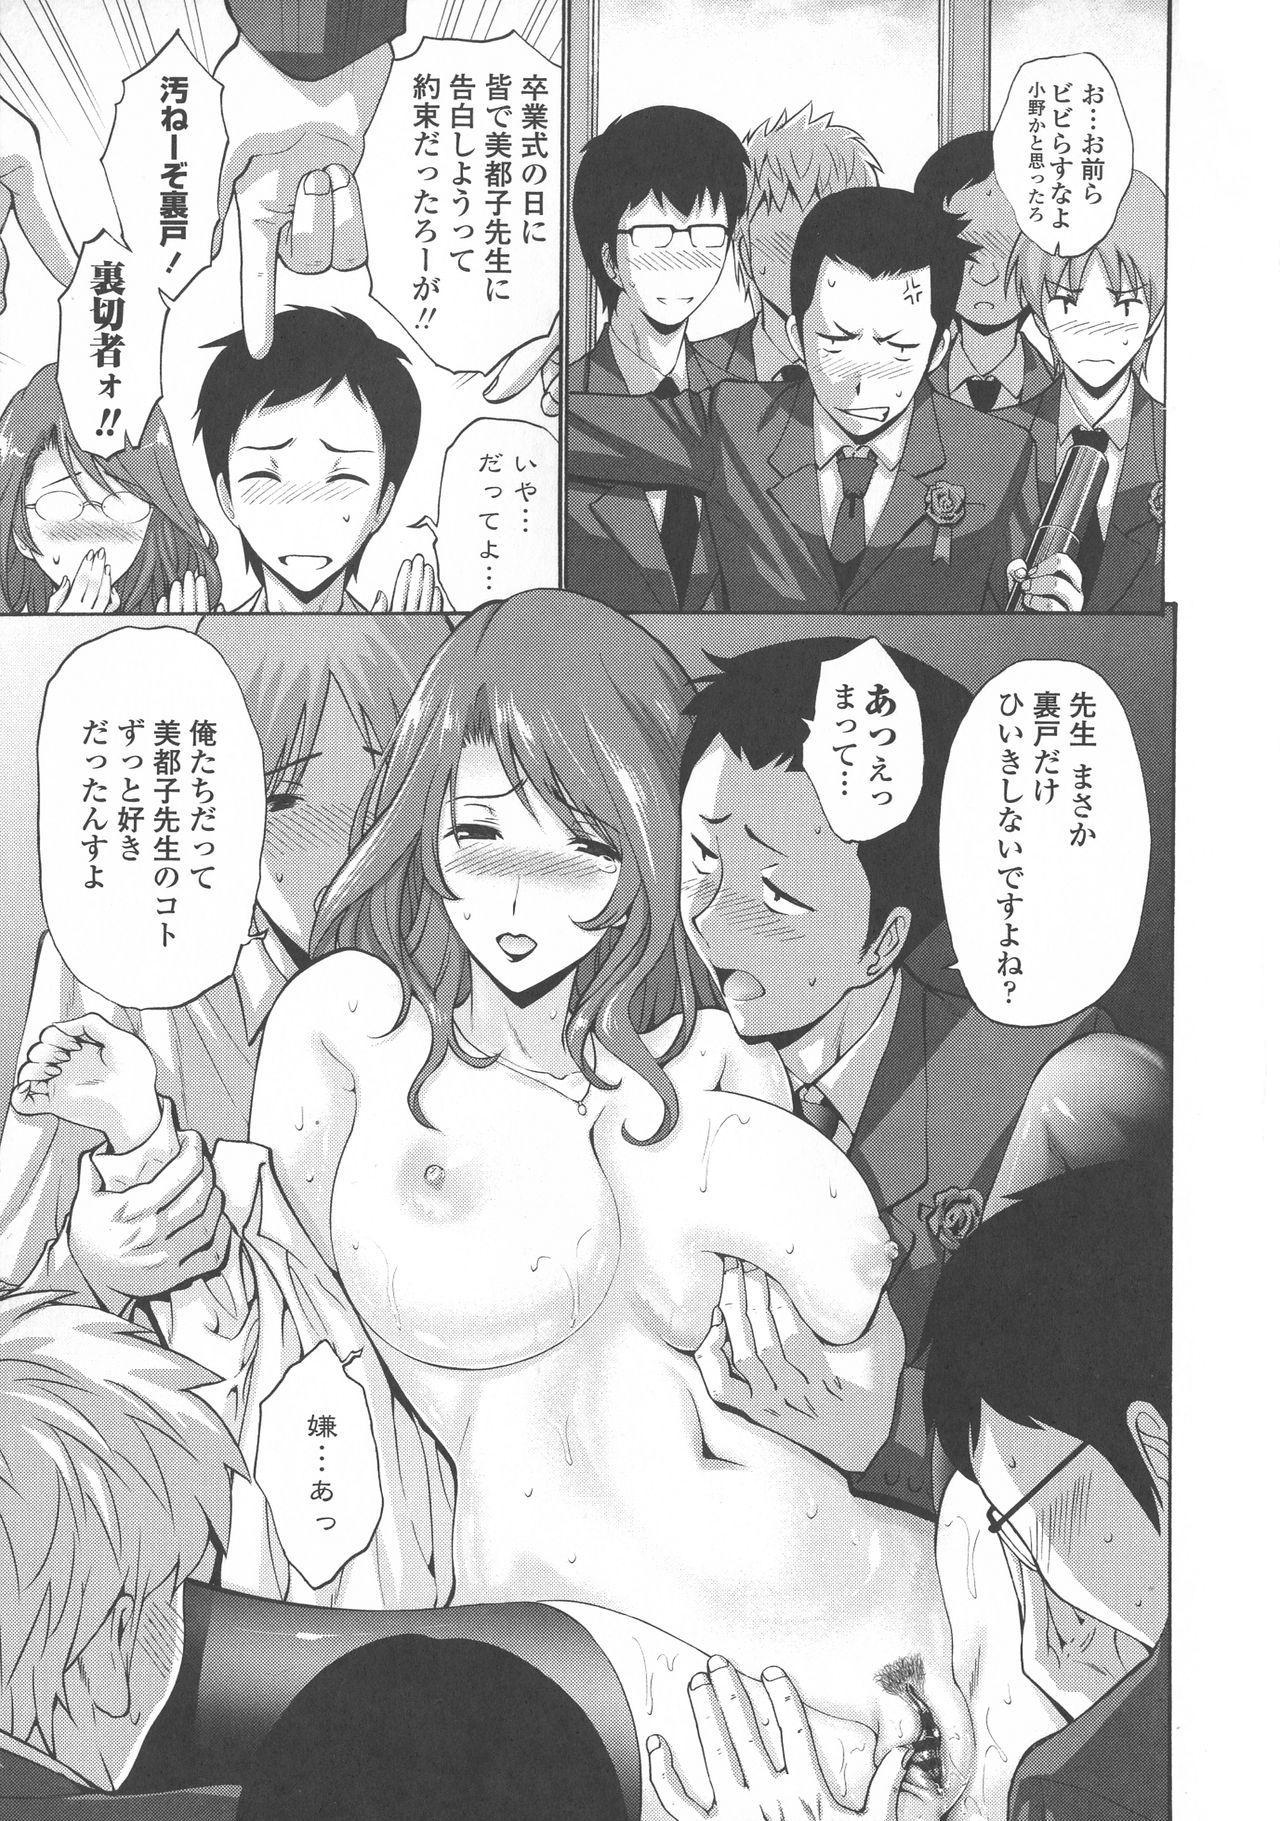 Tomodachi no Haha wa Boku no Mono - His Mother is My Love Hole 243